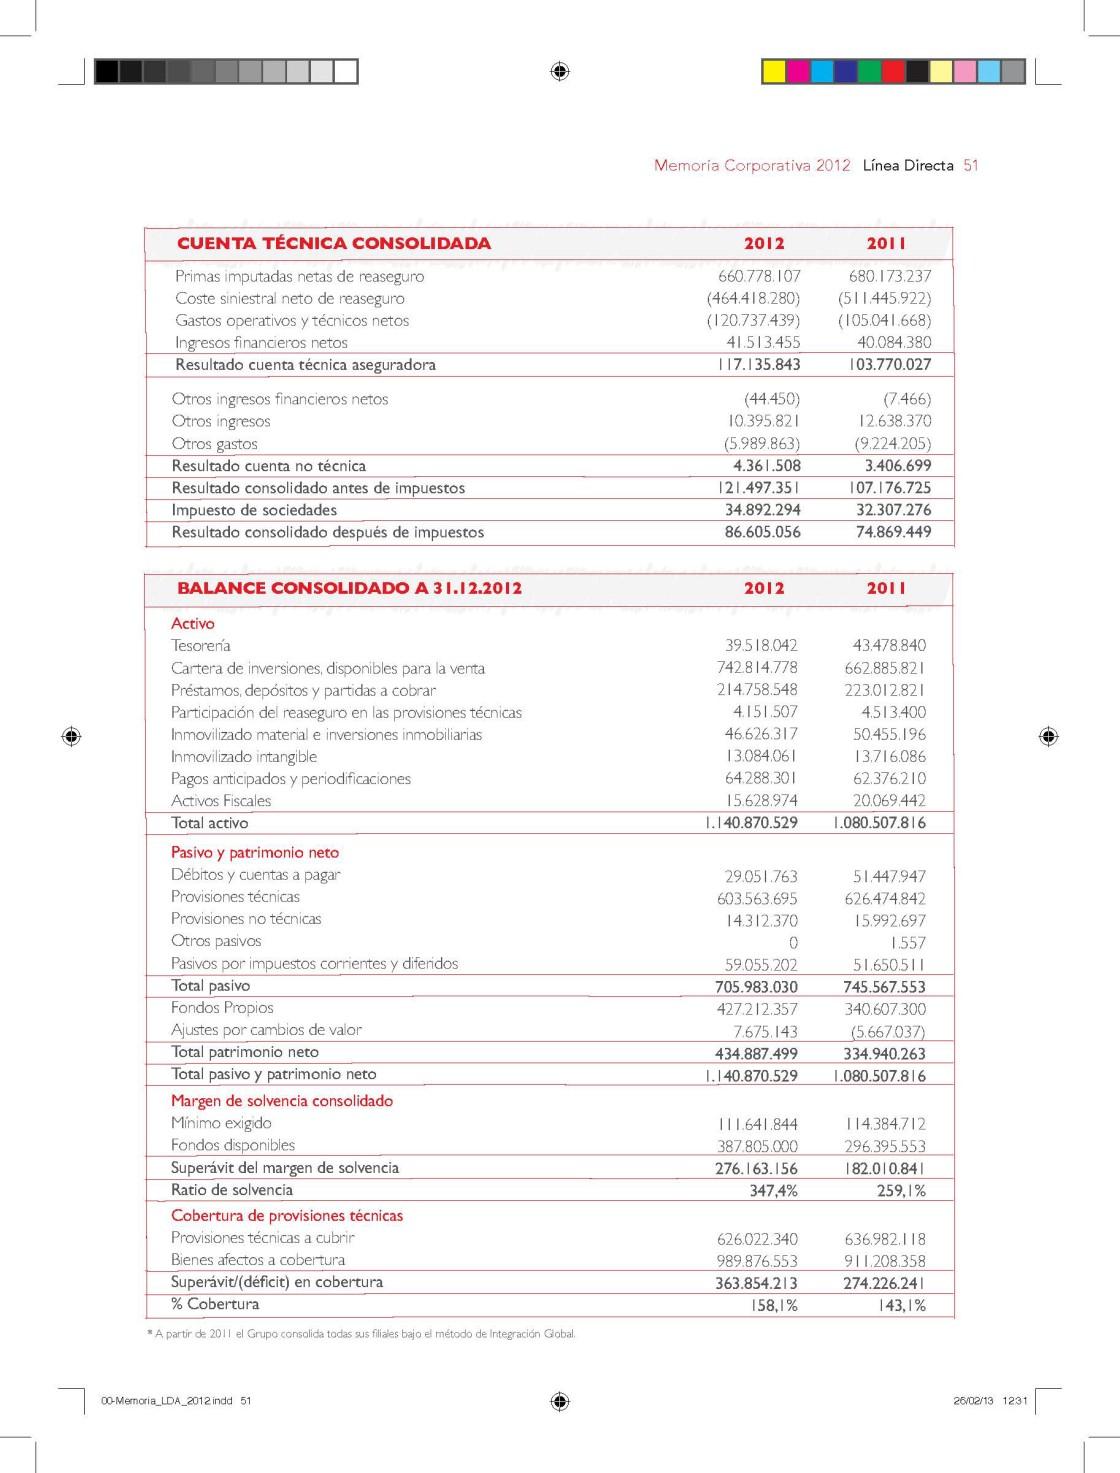 Memoria_LDA_2012_Page_51